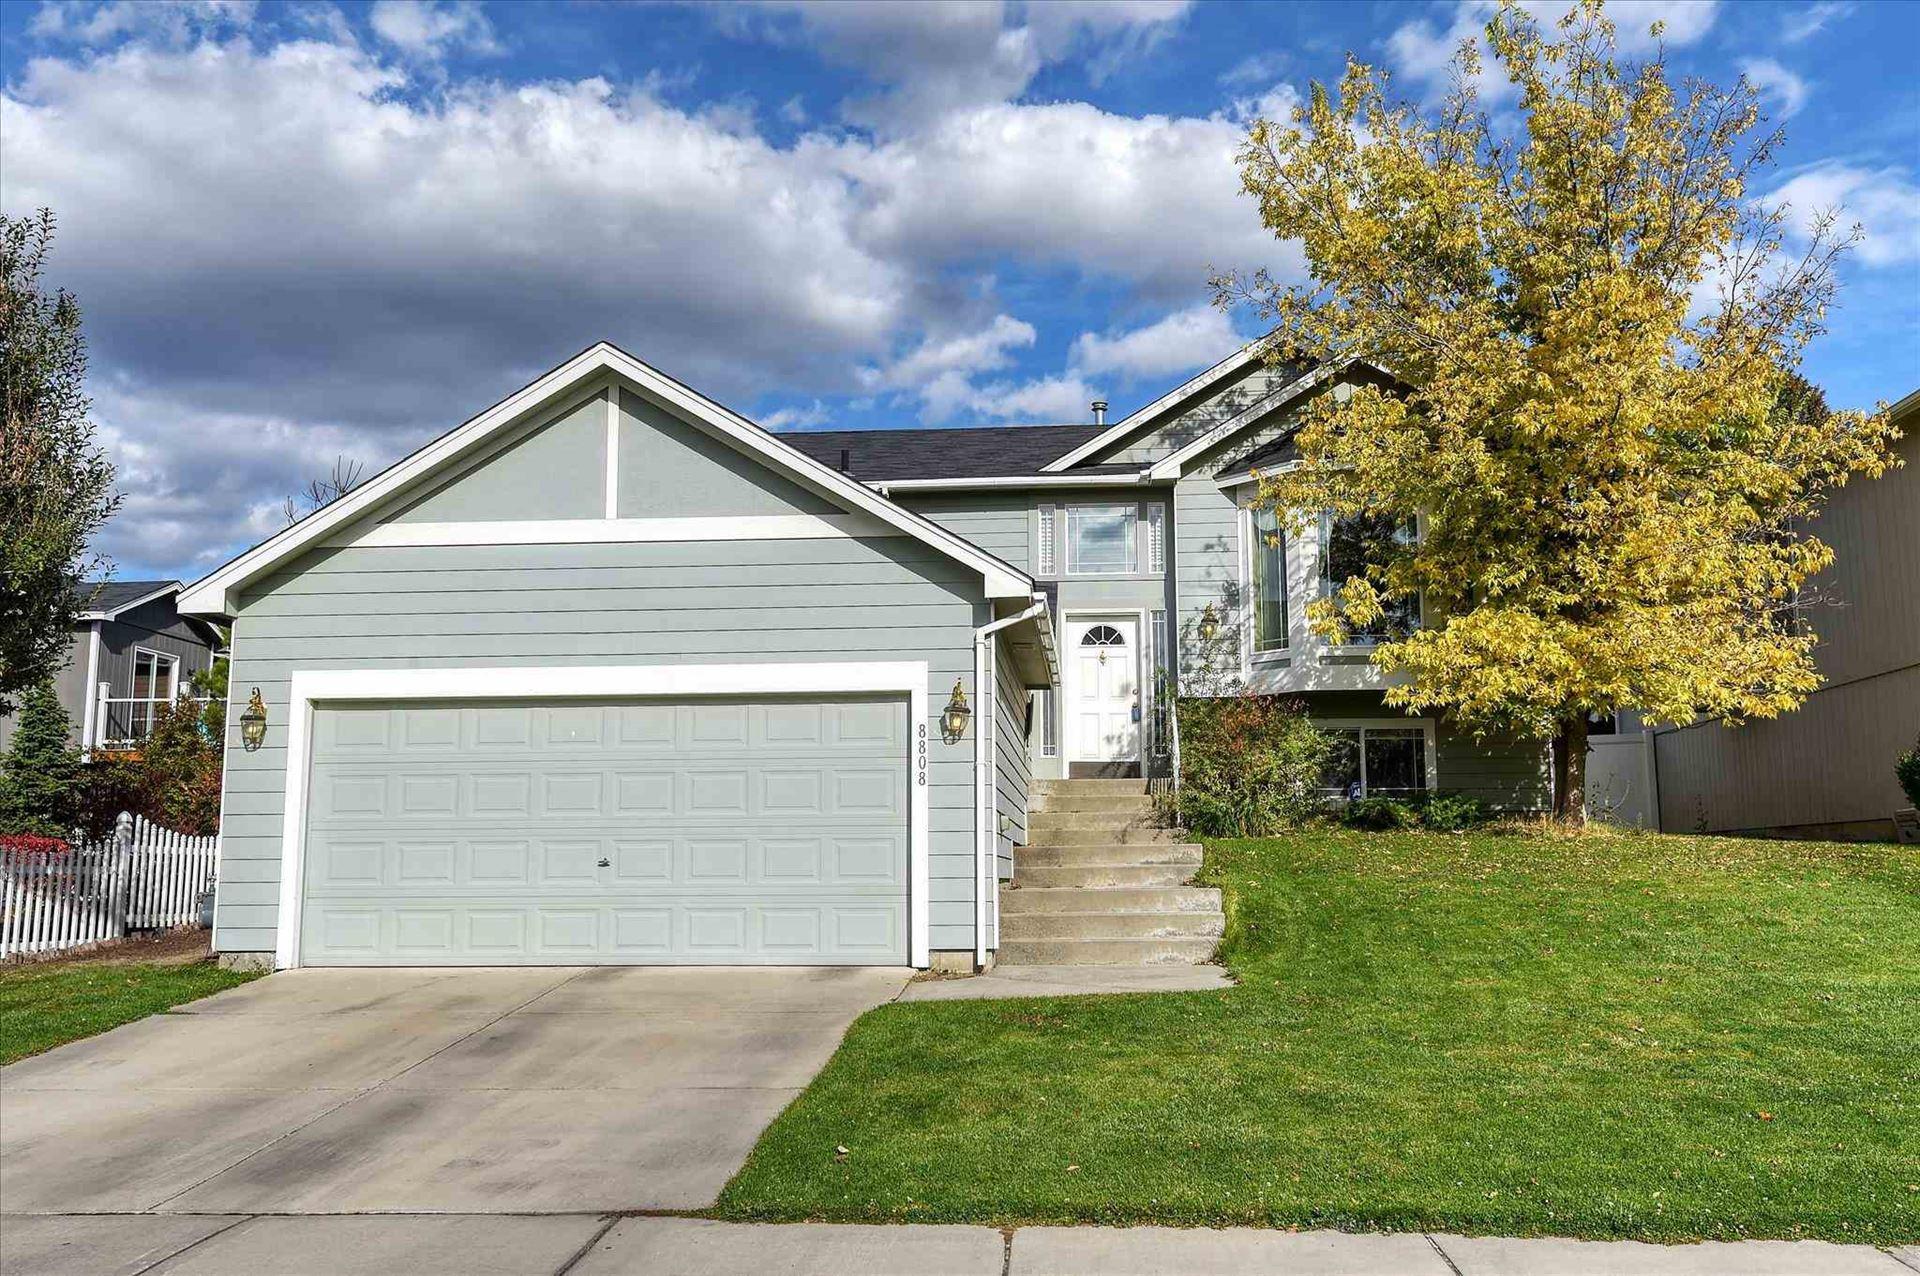 8808 N Pamela St, Spokane, WA 99208 - #: 202123291